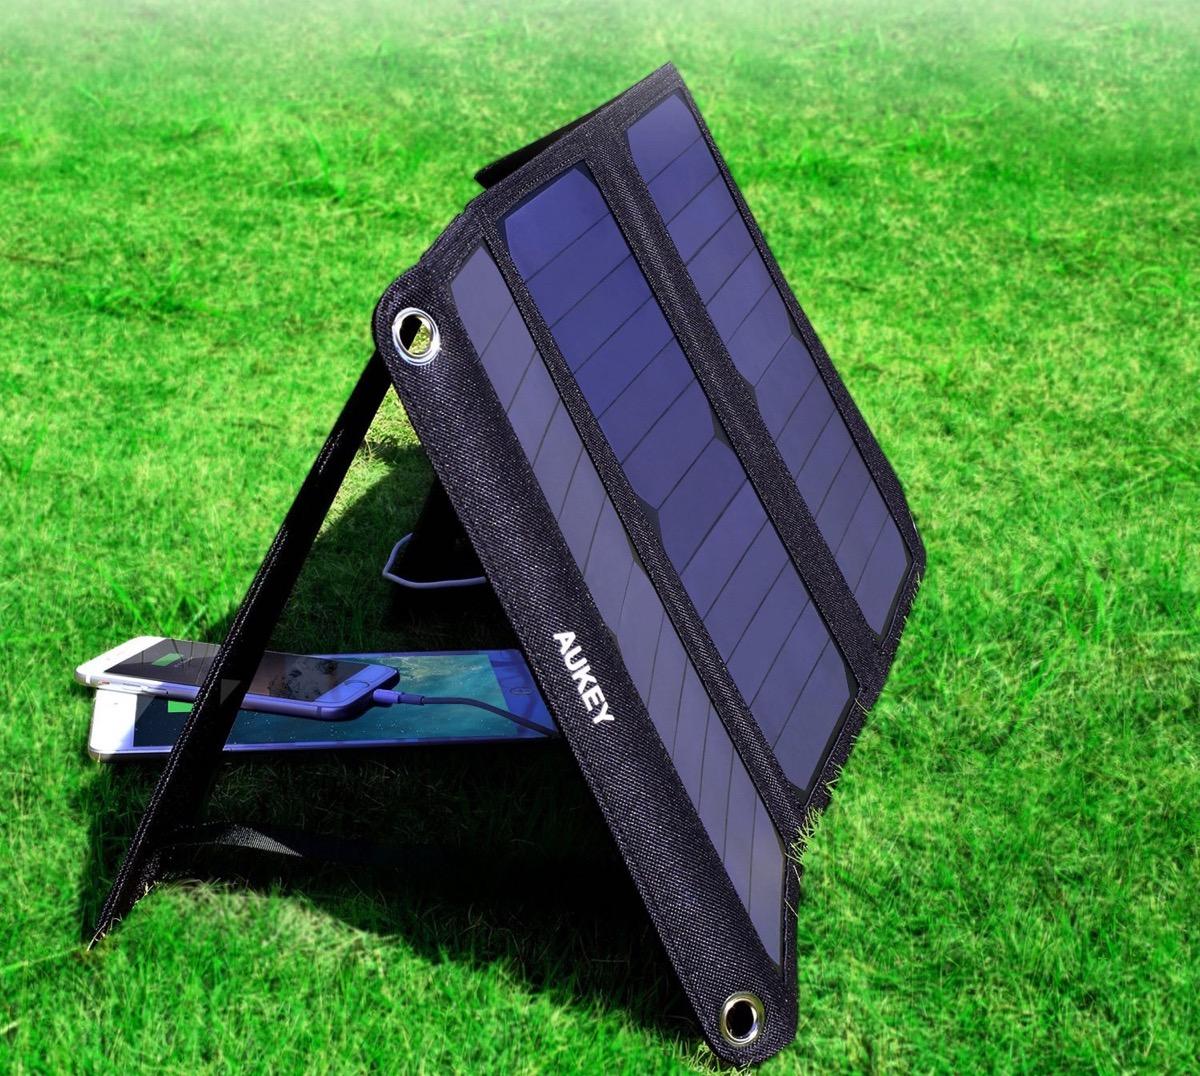 Pannello Solare Per Ricaricare Auto Elettrica : Pannello solare da w ricarica cellulari e batterie